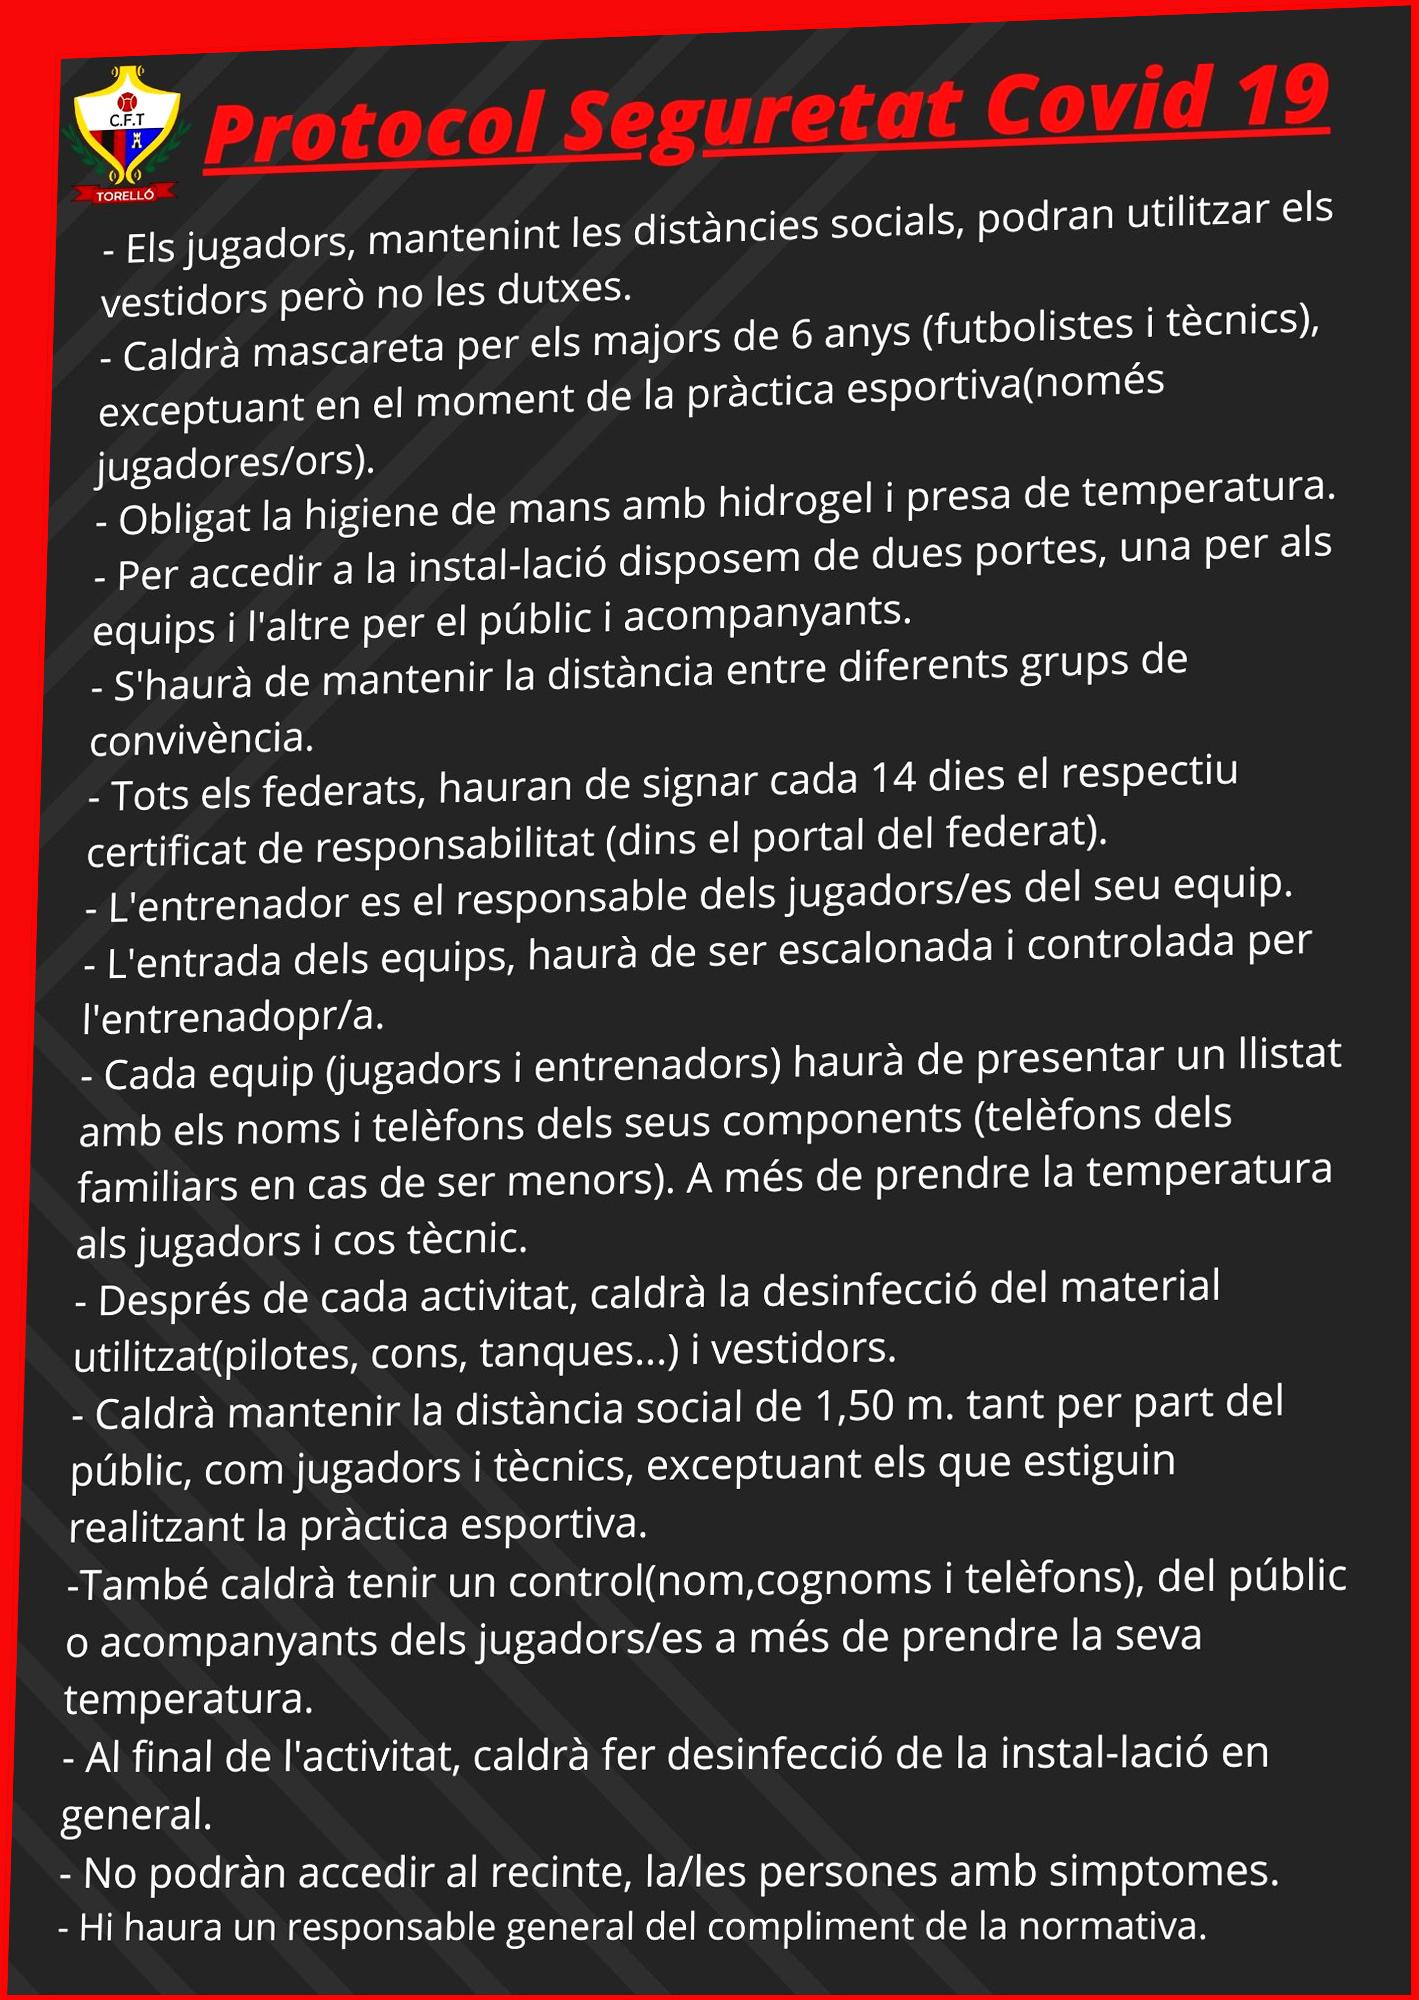 PROTOCOL DE SEGURETAT COVID19 PER L'INICI DE TEMPORADA